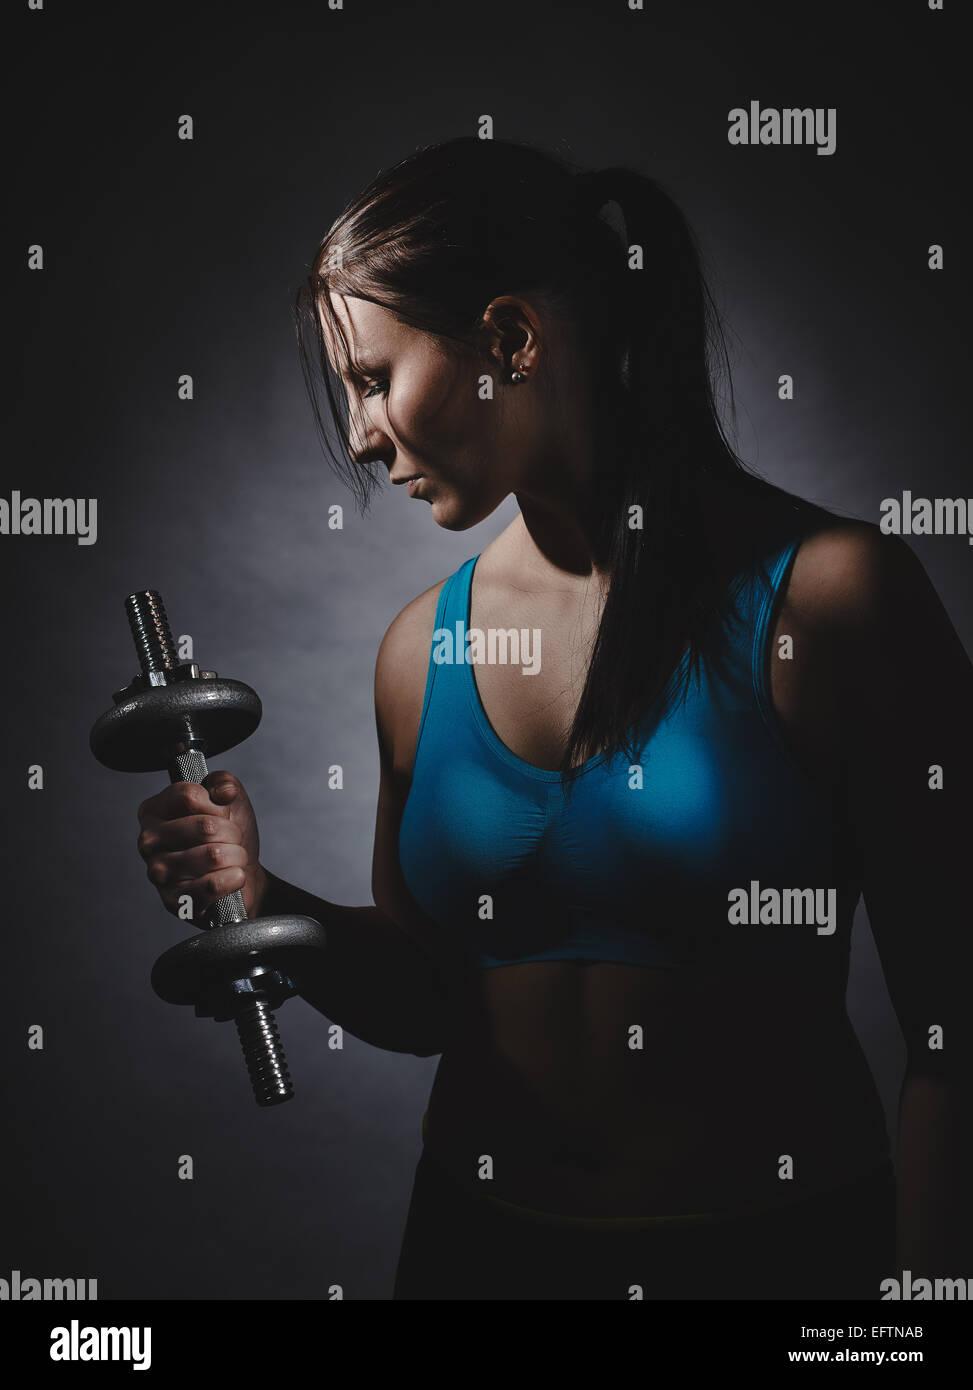 Sollevamento pesi, giovane donna di indossare abbigliamento sportivo e lei esercizio, studio shot, sfondo scuro Immagini Stock